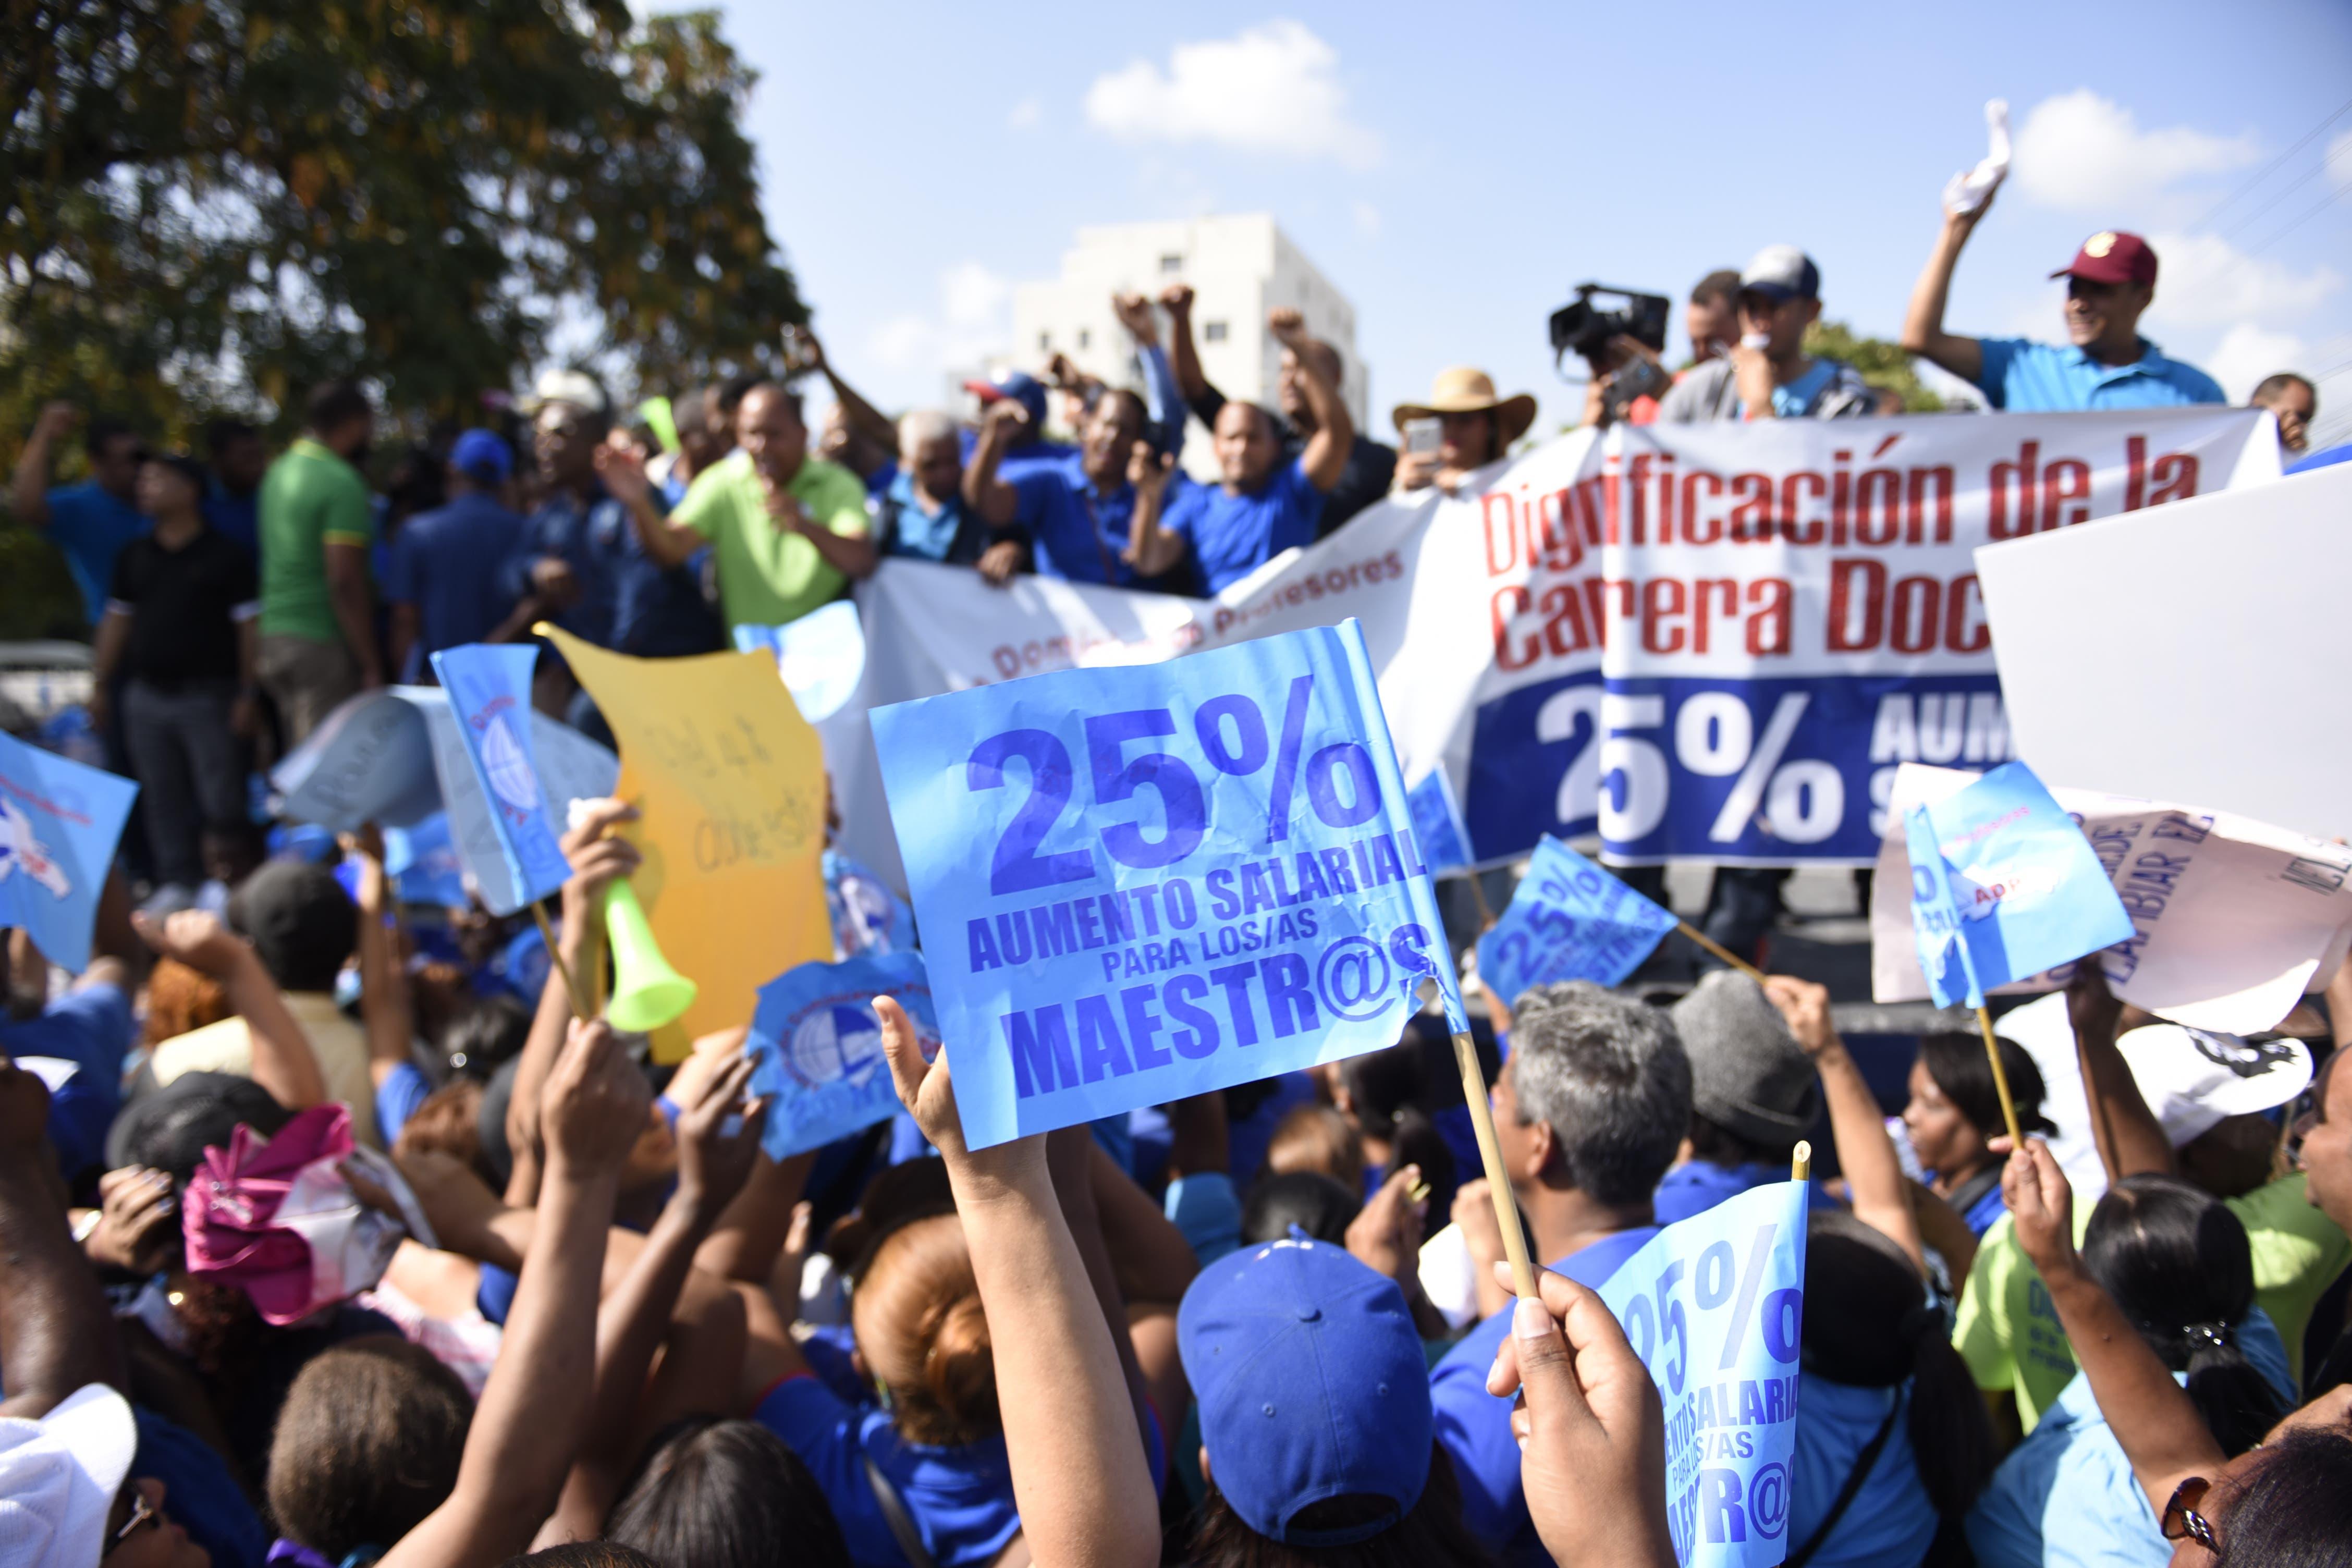 Cientos de maestros afiliados a la Asociación Dominicana de Profesores (ADP) marcharon este viernes hacia el Ministerio de Educación en demanda de aumento salarial y mejores condiciones de trabajo, entre otras reivindicaciones. Hoy/Arismendy Lora